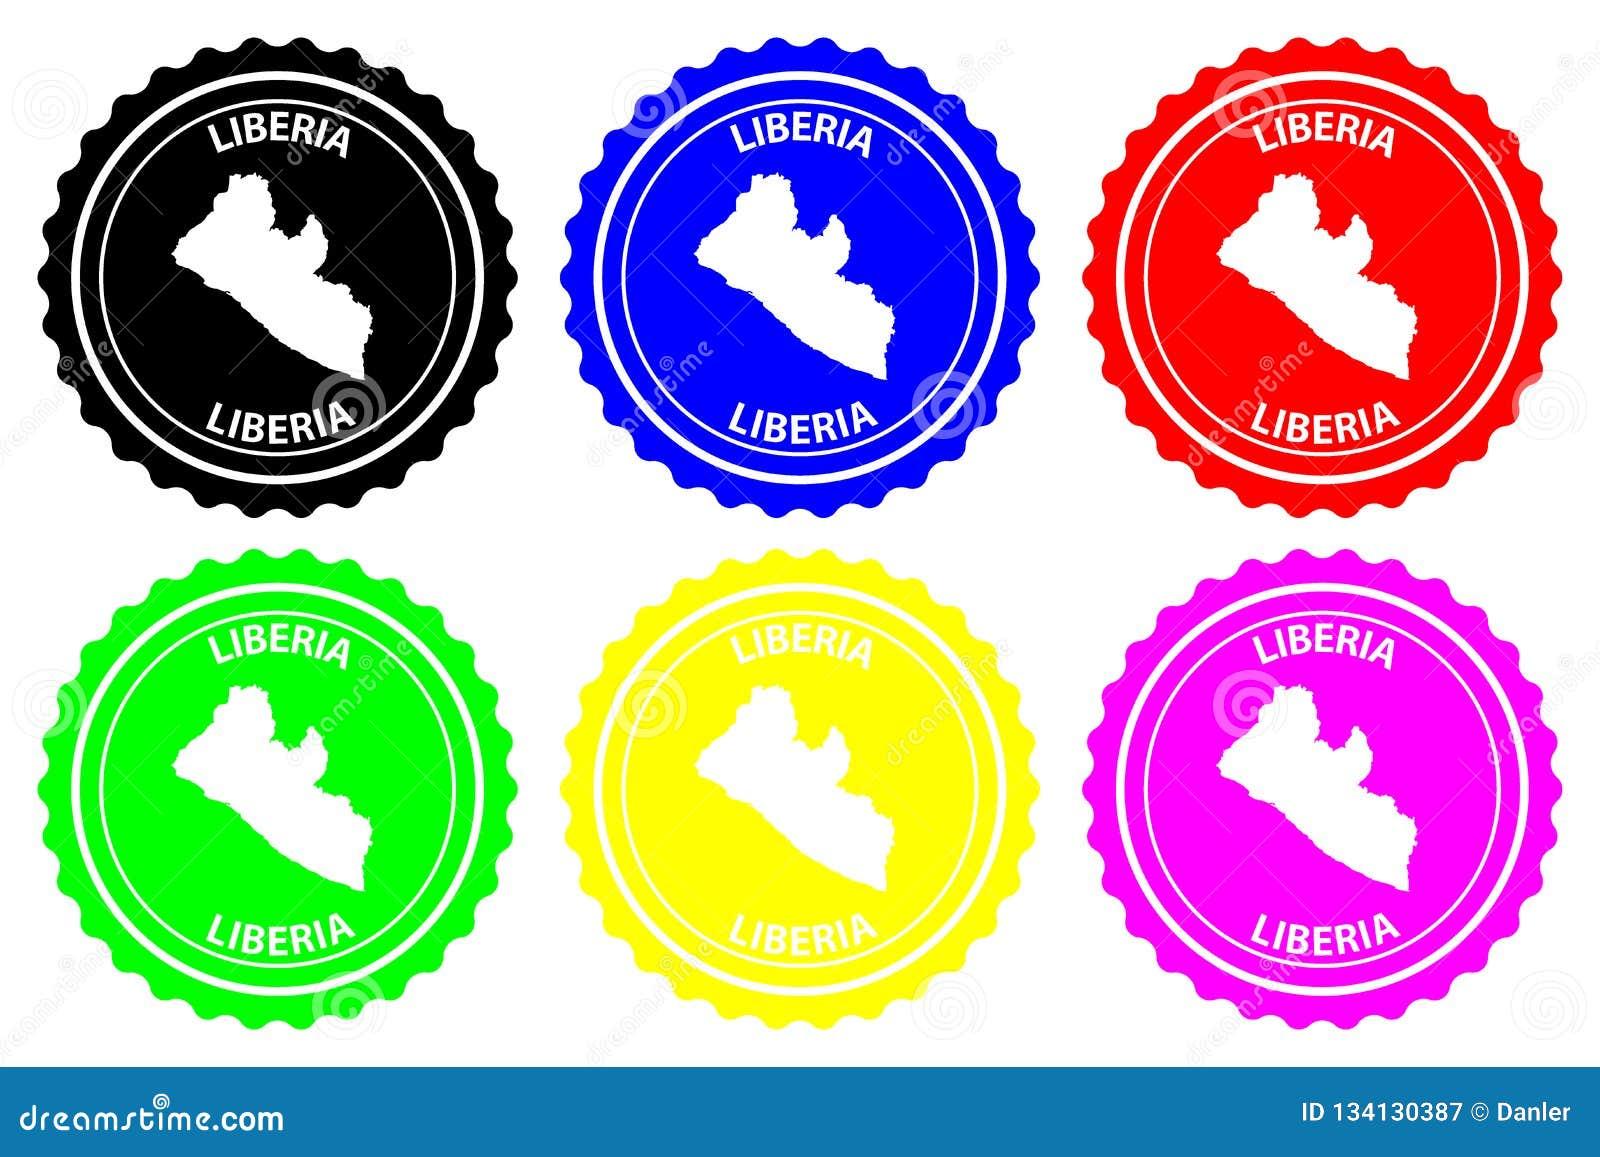 Sello de goma de Liberia